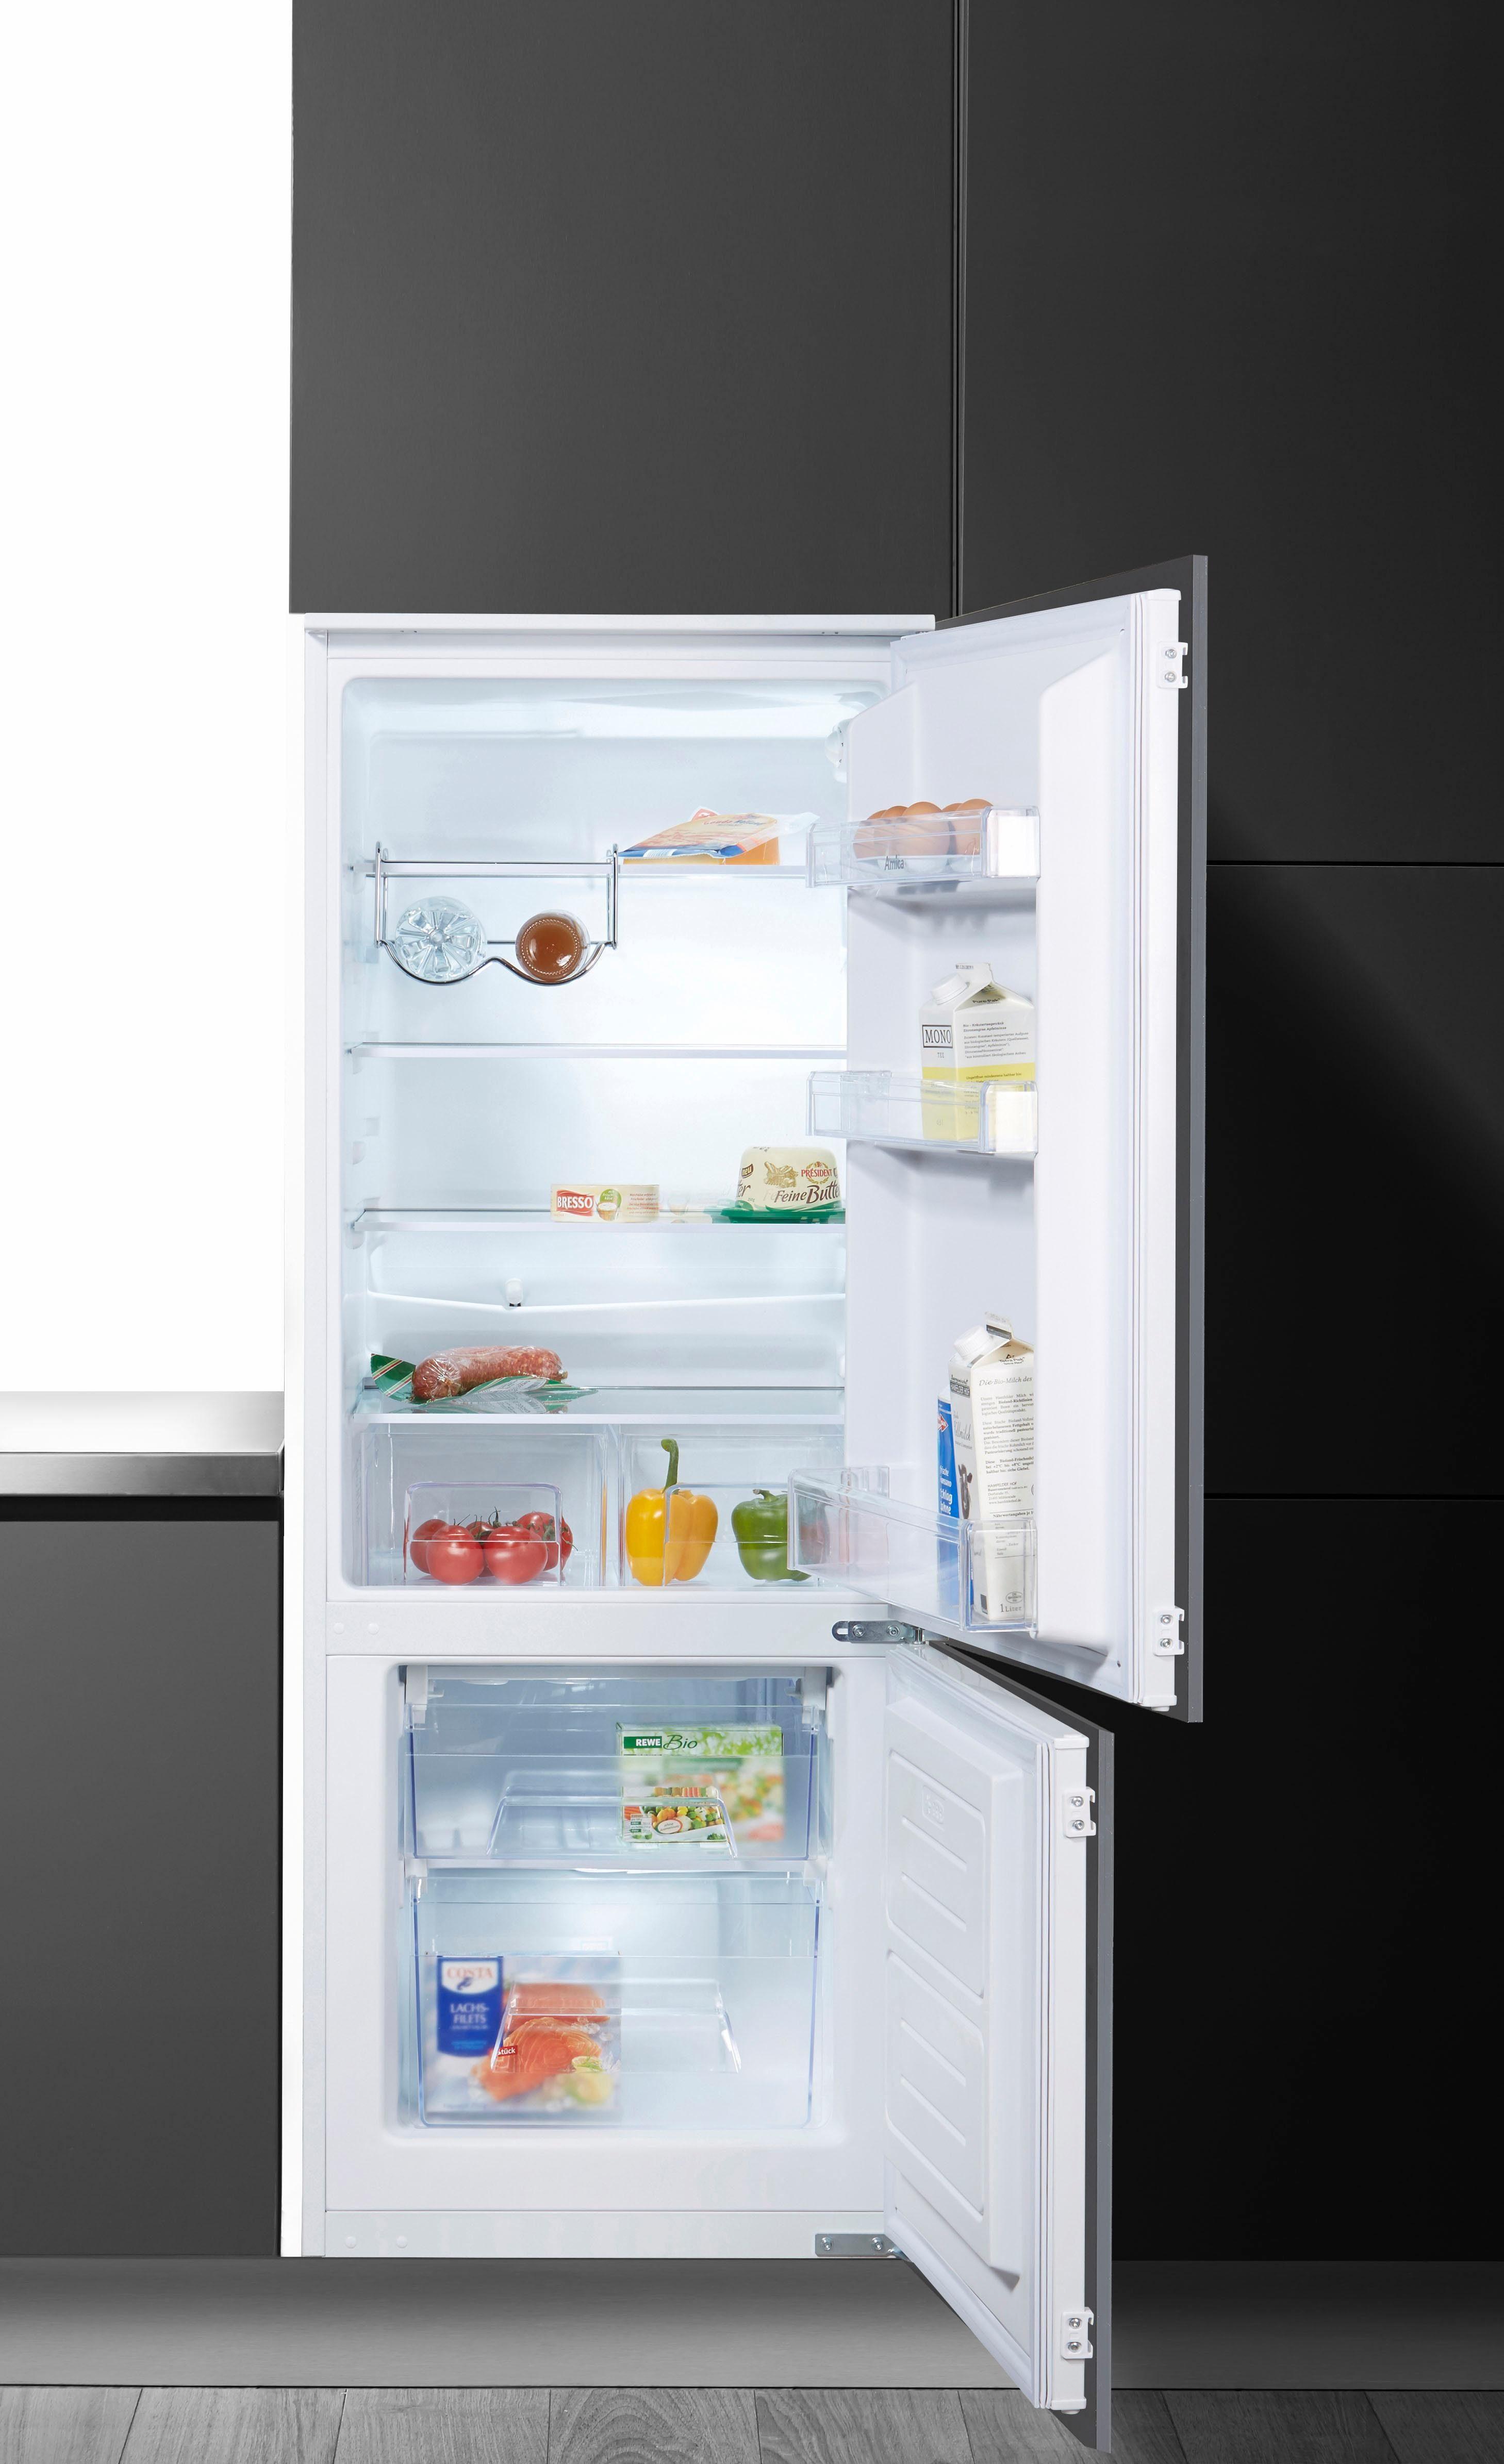 Amica Einbaukühlgefrierkombination EKGC 16156, 144 cm hoch, 54,5 cm breit, Energieeffizienzklasse: A++, 144 cm hoch